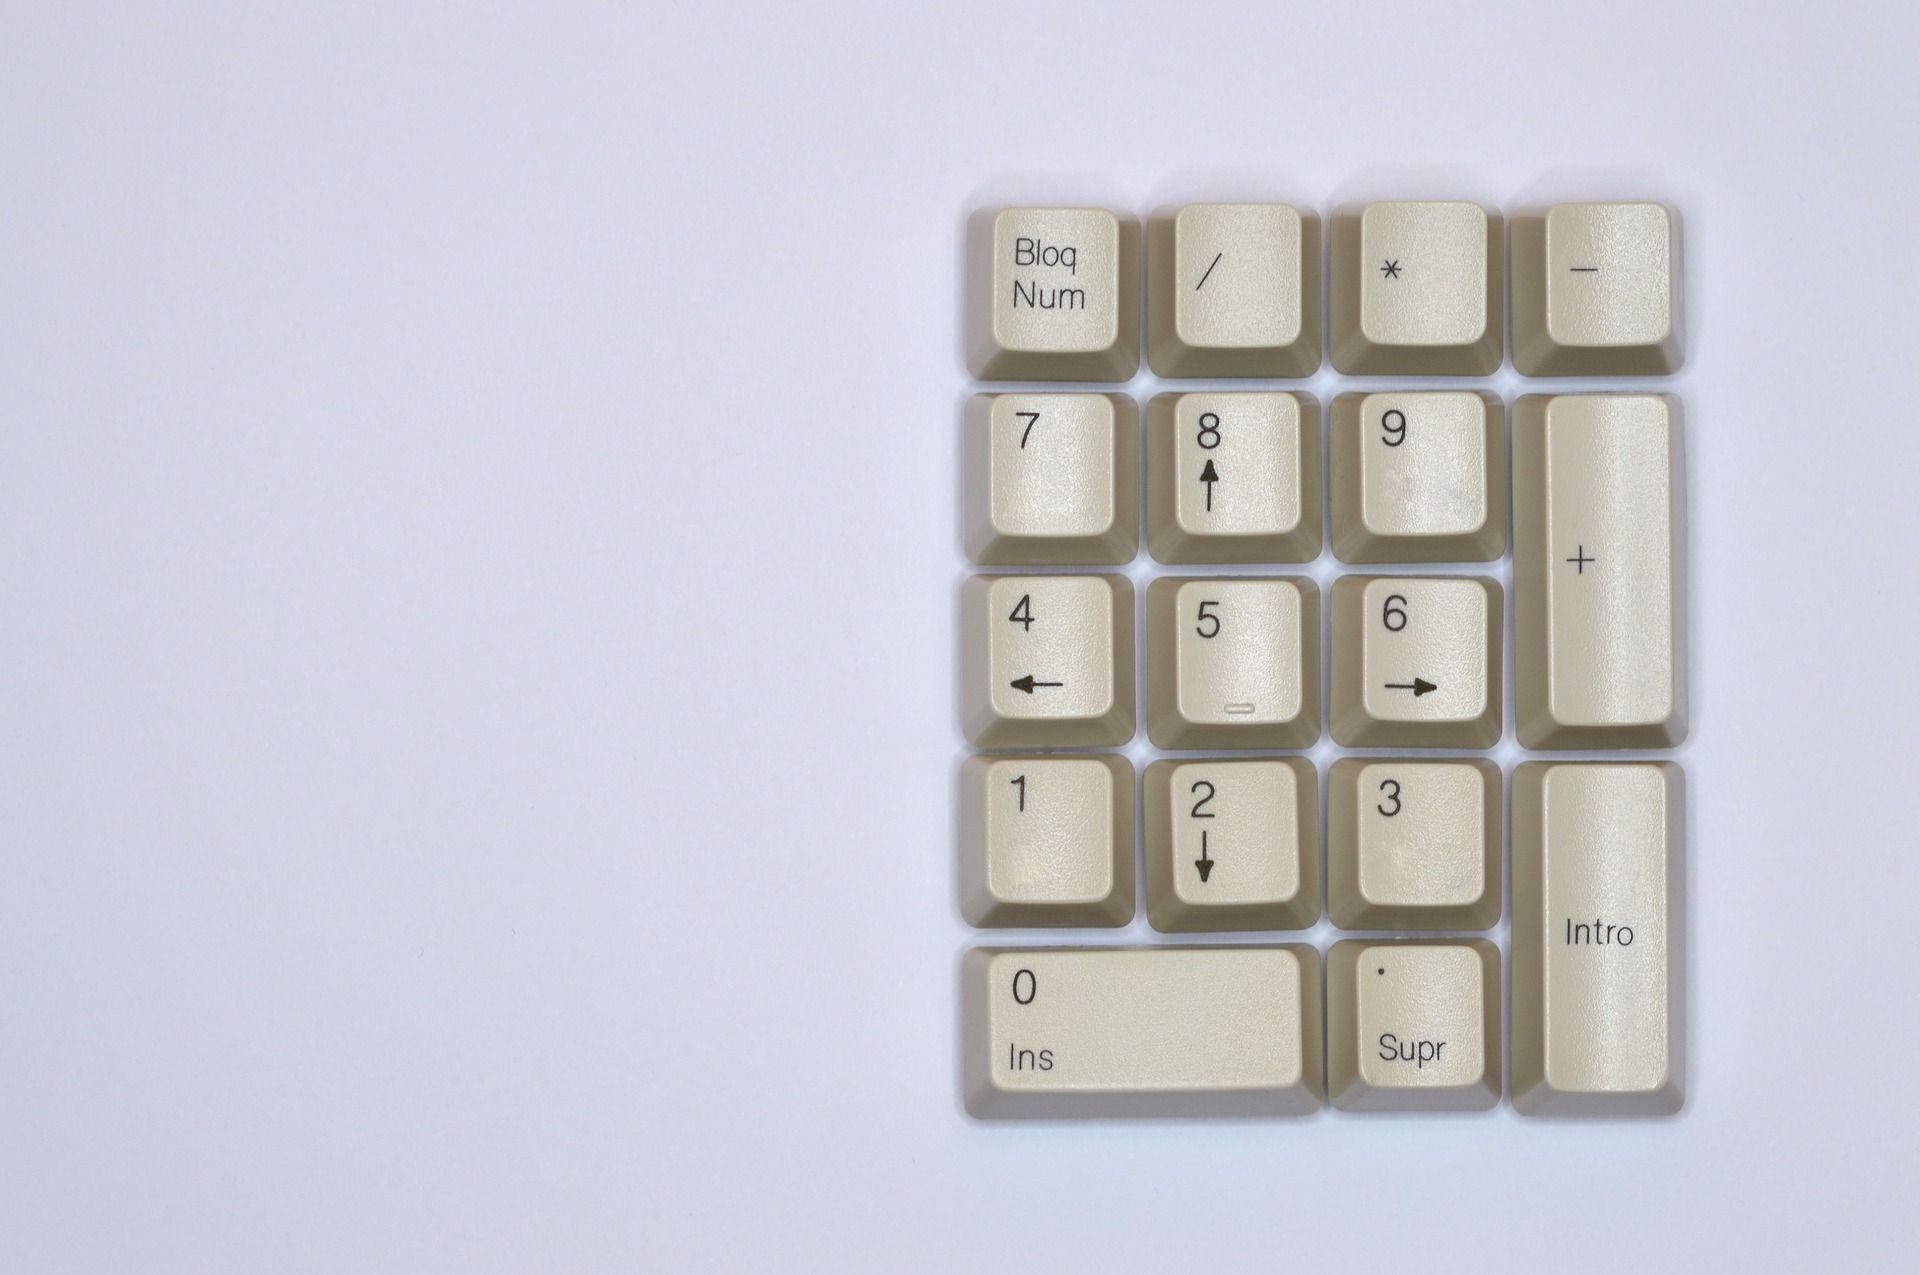 Компьютерную клавиатуру встроили прямо вчайнуючашку